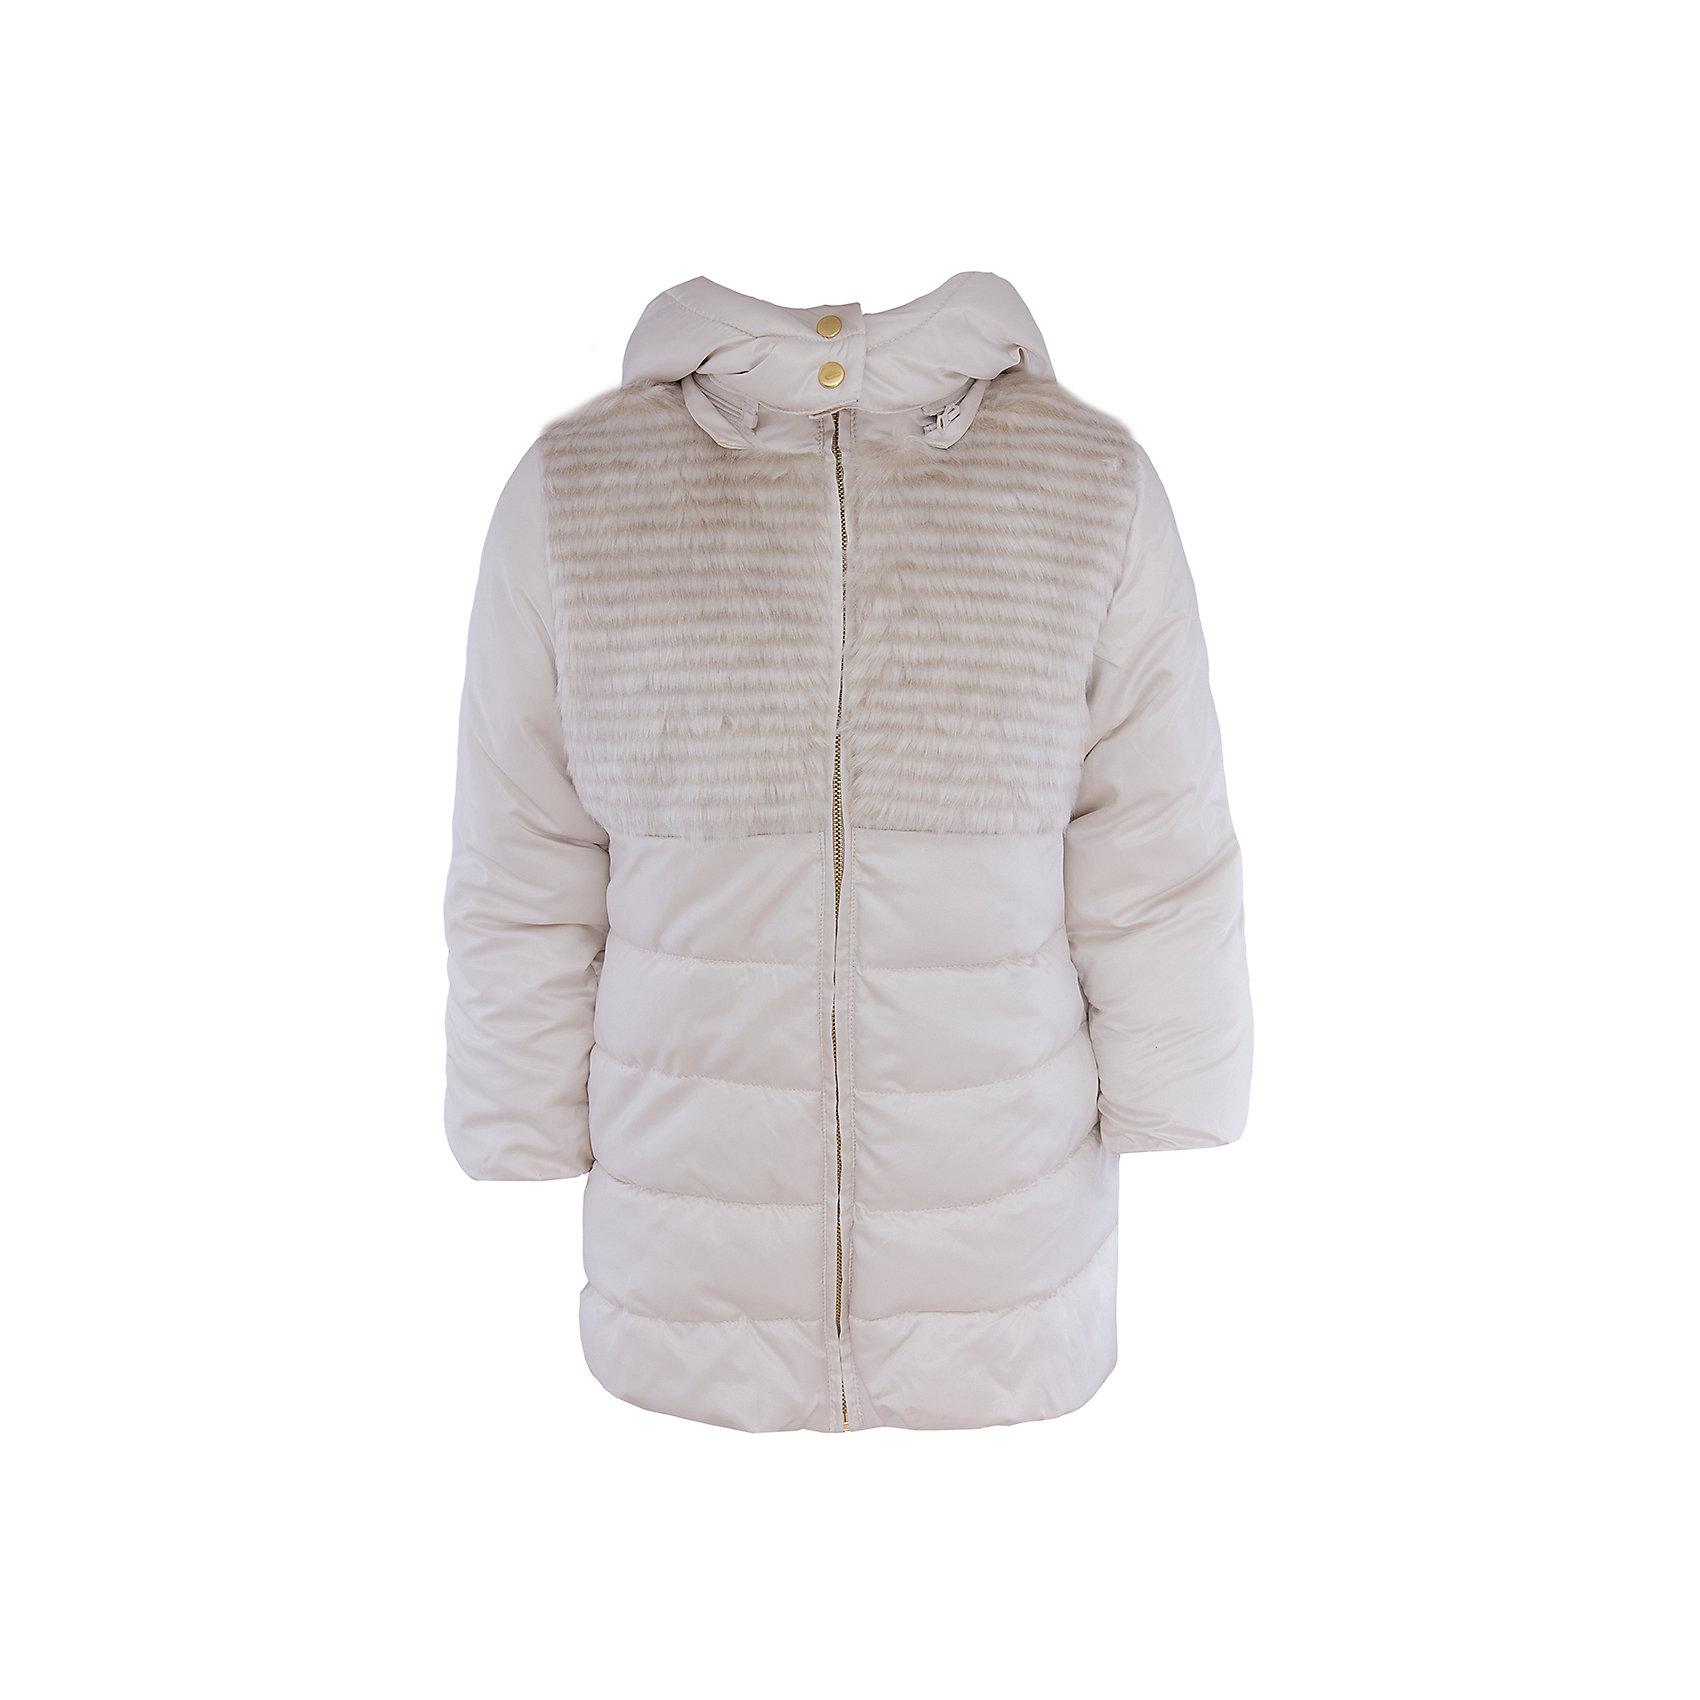 Пальто  для девочки CHICCOВерхняя одежда<br>Пальто CHICCO для девочки<br><br>Характеристики:<br><br>Фактура материала: трикотаж<br>Вид застежки: молния<br>Силуэт: прямой<br>Длина рукава: длинные<br>Тип карманов: без карманов<br>Капюшон: обычный, застегивается на кнопки<br><br>Состав: 95% полиэстер, 5% полиамид<br><br>Пальто CHICCO для девочки можно купить в нашем интернет-магазине.<br><br>Ширина мм: 356<br>Глубина мм: 10<br>Высота мм: 245<br>Вес г: 519<br>Цвет: бежевый<br>Возраст от месяцев: 48<br>Возраст до месяцев: 60<br>Пол: Женский<br>Возраст: Детский<br>Размер: 110,116,128,122<br>SKU: 5079416